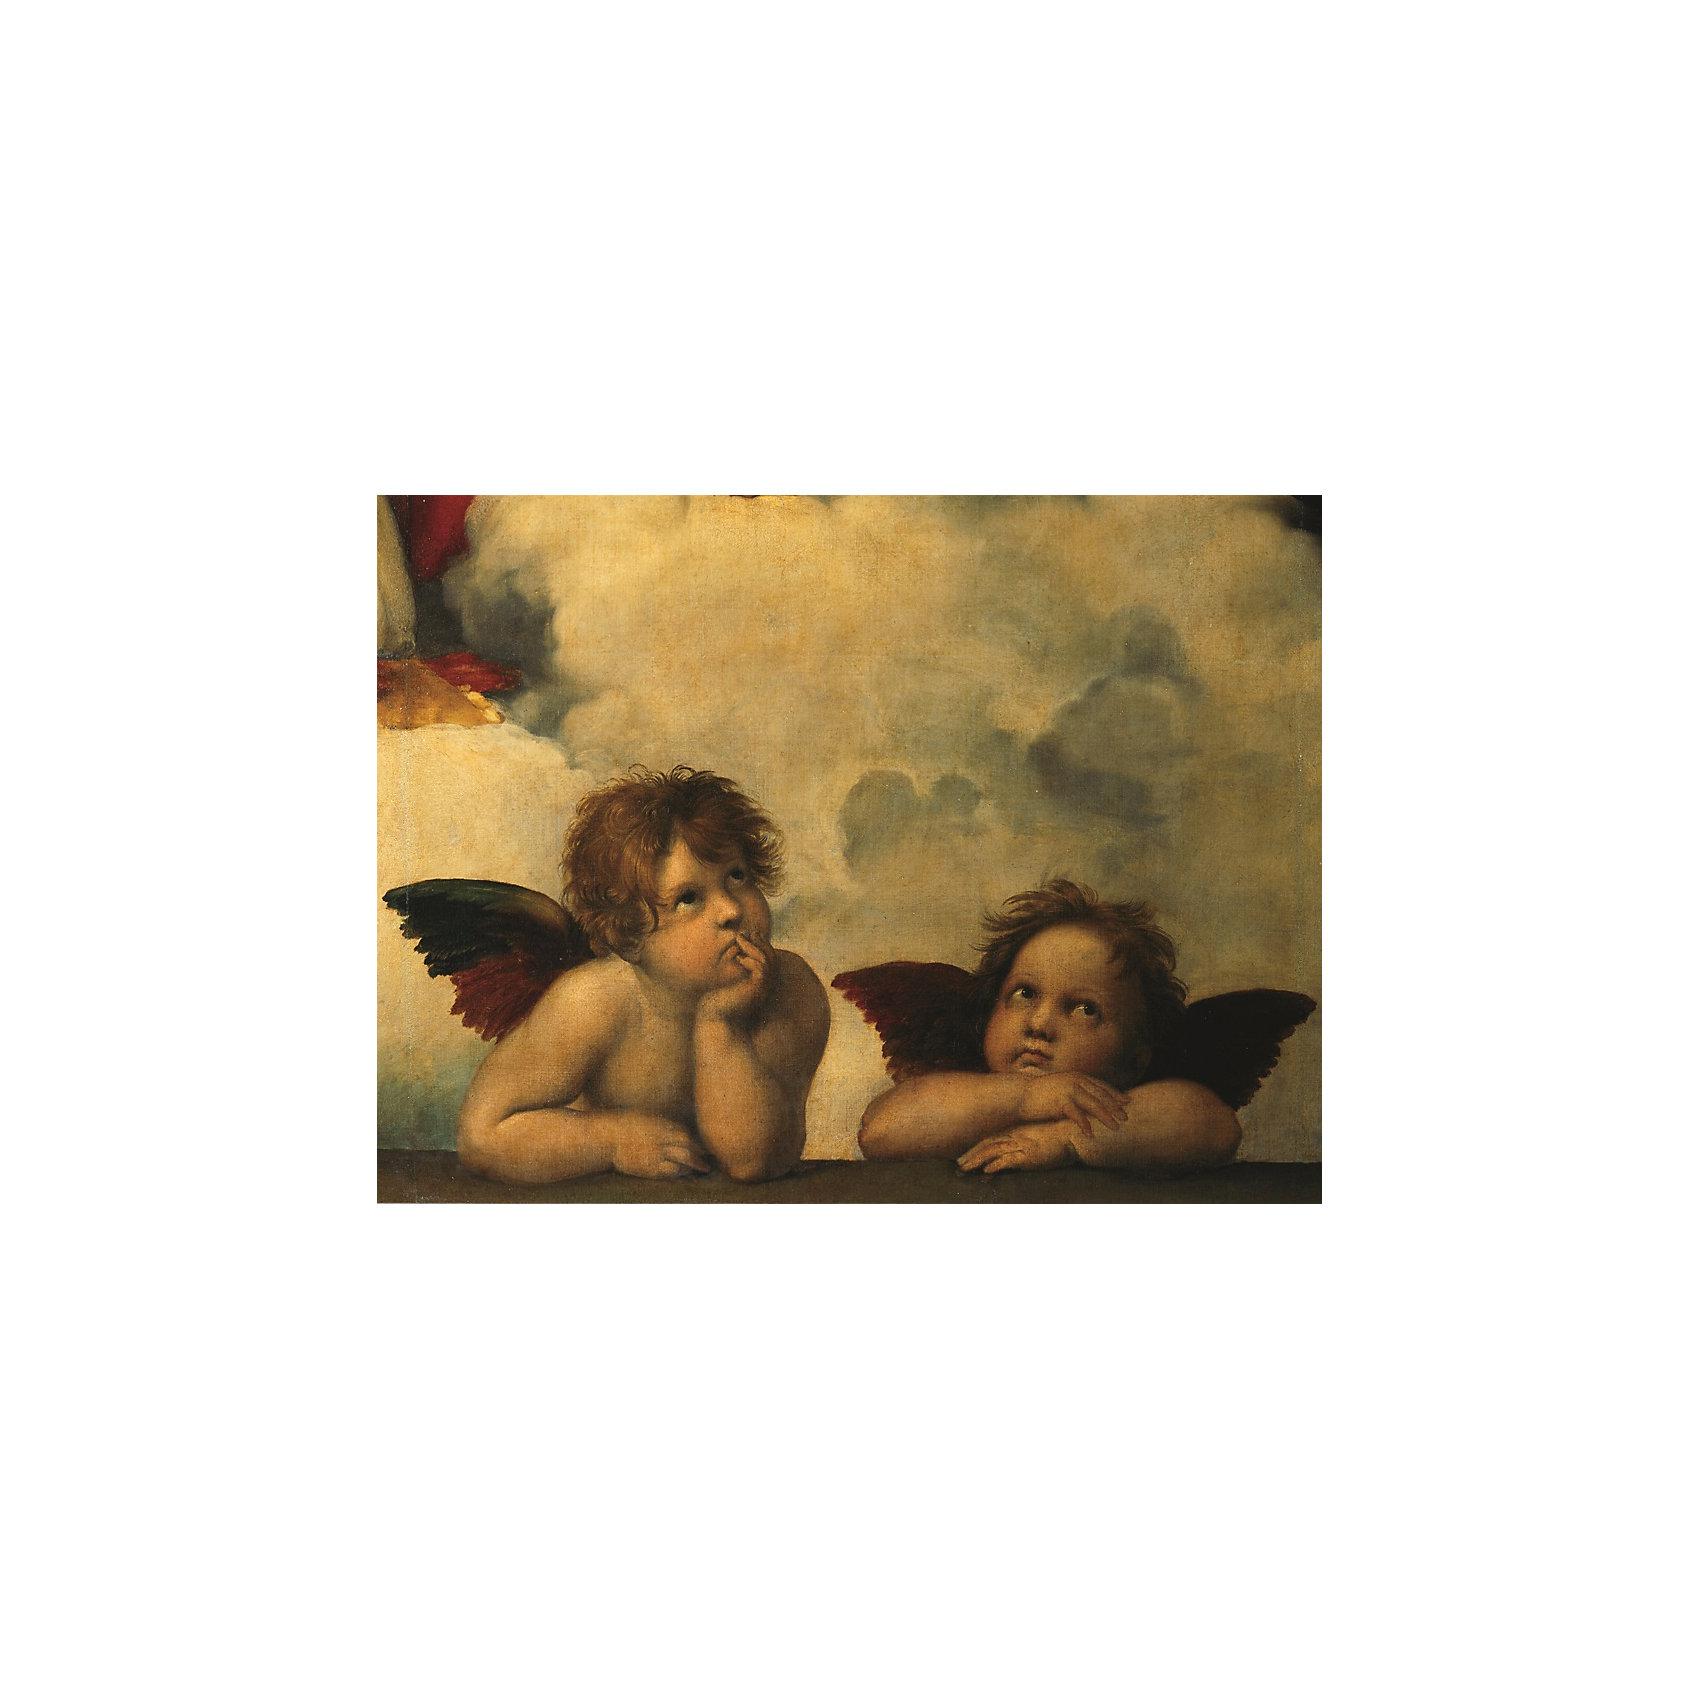 Пазл «Рафаэль. Ангелы» 1000 деталей, RavensburgerПазлы до 1000 деталей<br>Пазл «Рафаэль. Ангелы» 1000 деталей, Ravensburger (Равенсбургер) – пазл отличного качества с изображением репродукции известной картины.<br>Собрав пазл «Рафаэль. Ангелы», вы получите изображение знаменитой картины Ангелы, которою сотворил итальянский художник Рафаэль Санти. Рафаэль Санти изобразил двух маленьких херувимчиков, и вложил в картину максимум душевного тепла. Мельчайшие детали досконально прорисованы, а выражения лиц ангелов навевает мысли о возвышенном. Пазл с фотокопией картины из тысячи элементов настолько качественно исполнен и напечатан в высочайшем разрешении, что позволяет использовать его в собранном виде в качестве высокохудожественного украшения интерьера. Пазлы Ravensburger (Равенсбургер) всегда отличаются высоким качеством полиграфии, изготовлены из экологичного сырья. Они пригодны для многократного использования, ведь плотный картон не расслаивается при правильной эксплуатации. Все элементы идеально соединяются, а специальная технология производства гарантирует отсутствие двух одинаковых деталей. Рисунок имеет матовую поверхность без бликов. Для того, чтобы пазл остался в собранном виде можно использовать специальный клей и вставить картину в рамку (рамка и клей продаются отдельно и в комплект не входят).<br><br>Дополнительная информация:<br><br>- Количество деталей: 1000 шт.<br>- Размер картинки: 70 х 50 см.<br>- Материал: картон<br>- Размер упаковки: 37 х 27 х 5,5 см.<br>- Вес: 956 гр.<br><br>Пазл «Рафаэль. Ангелы» 1000 деталей, Ravensburger (Равенсбургер) можно купить в нашем интернет-магазине.<br><br>Ширина мм: 370<br>Глубина мм: 270<br>Высота мм: 55<br>Вес г: 956<br>Возраст от месяцев: 96<br>Возраст до месяцев: 192<br>Пол: Унисекс<br>Возраст: Детский<br>Количество деталей: 1000<br>SKU: 4214577